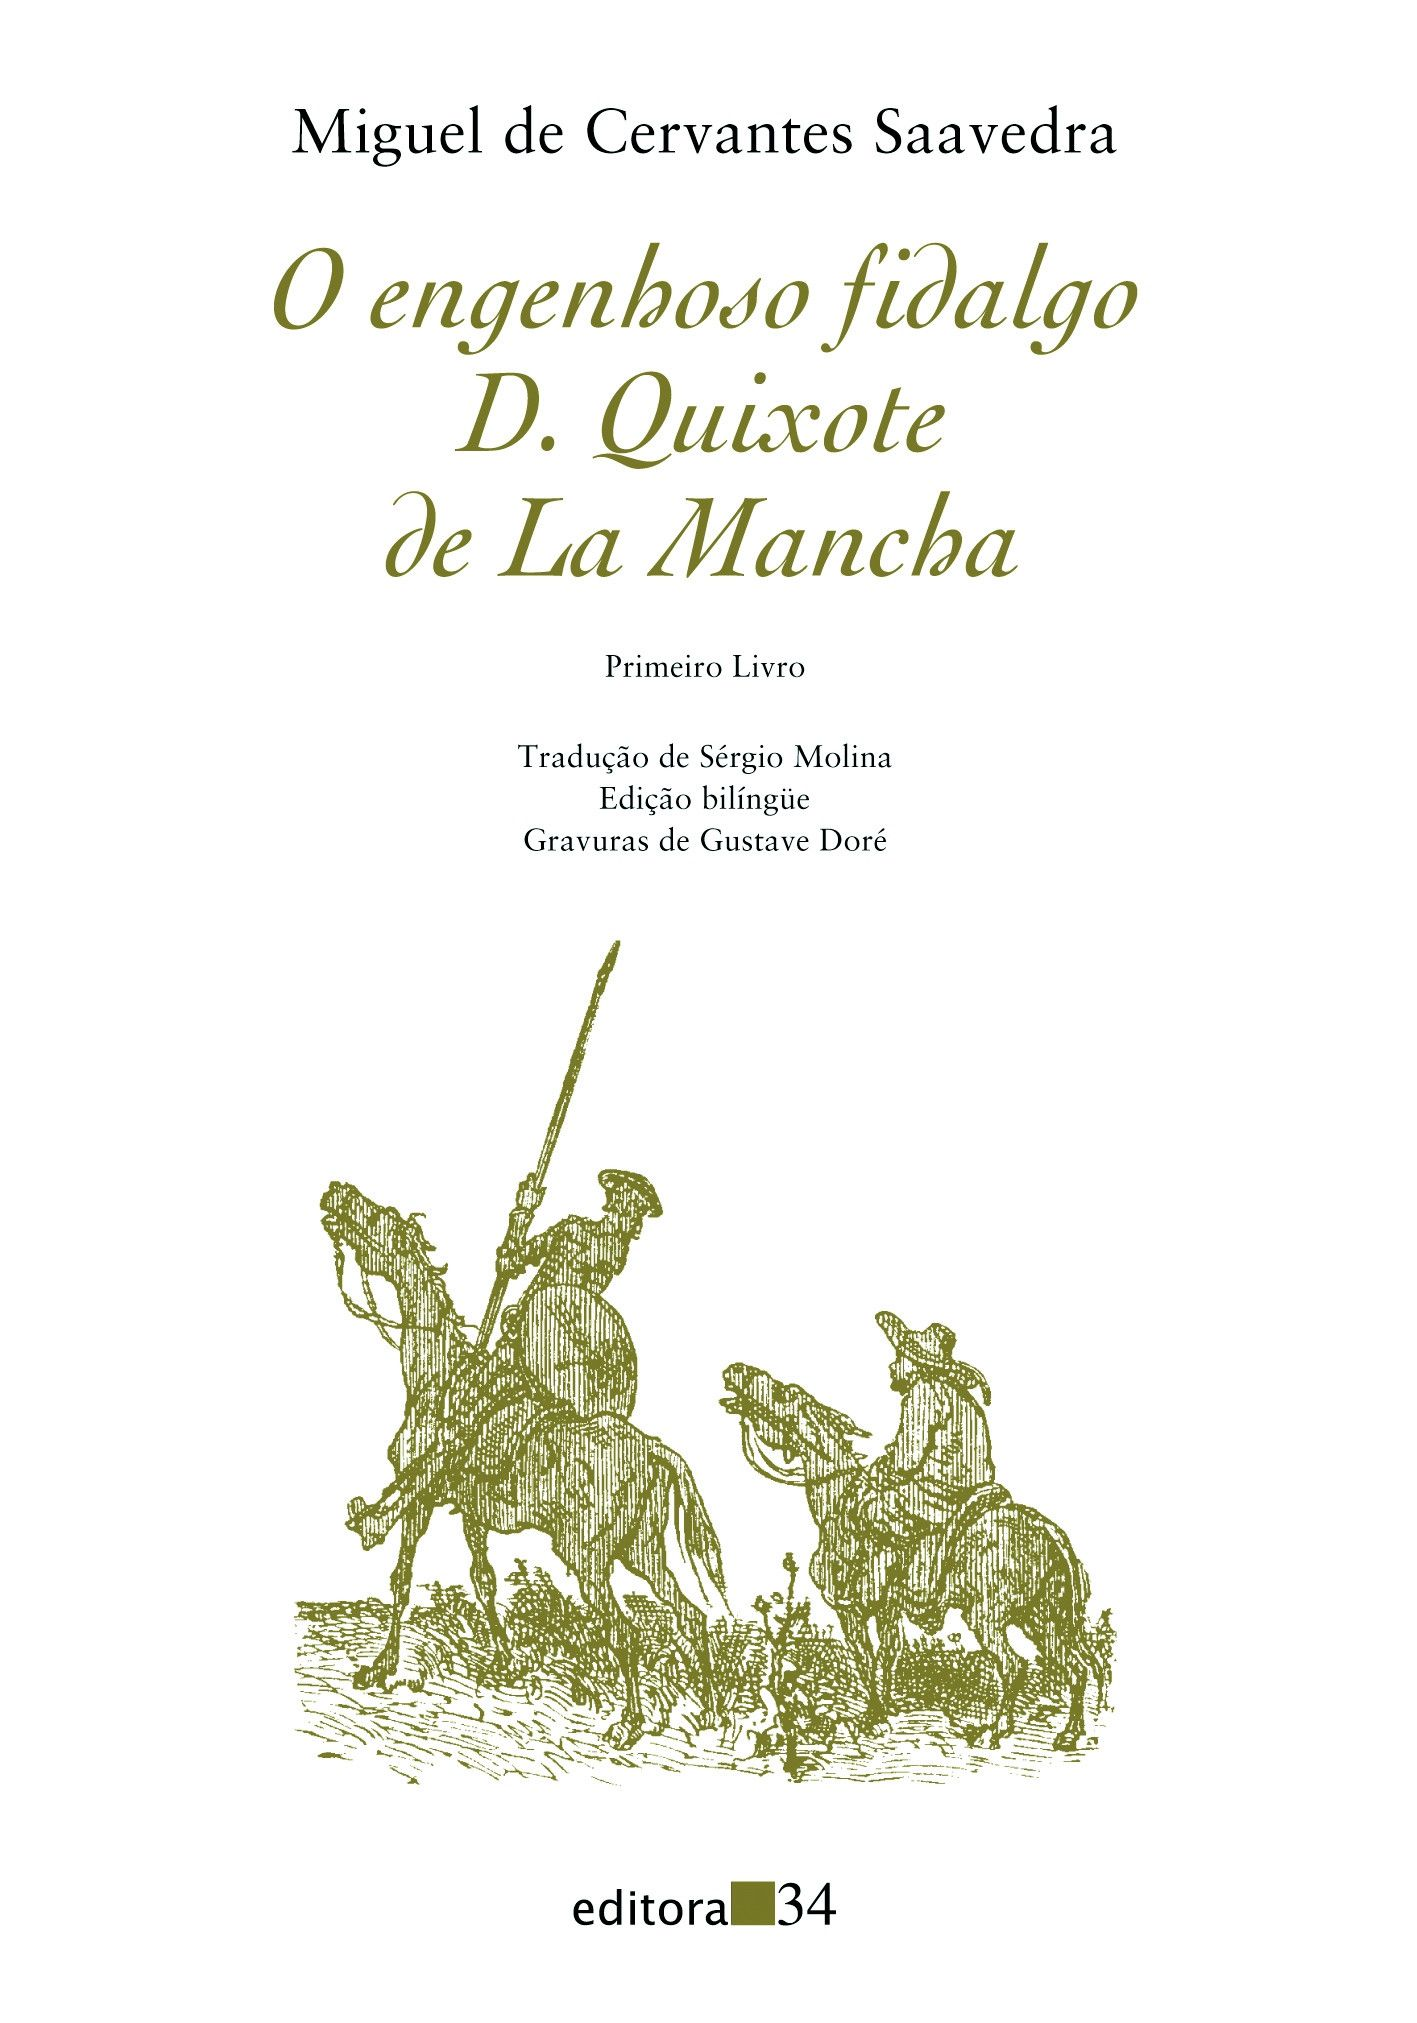 Engenhoso fidalgo Dom Quixote de la Mancha, O - Primeiro livro